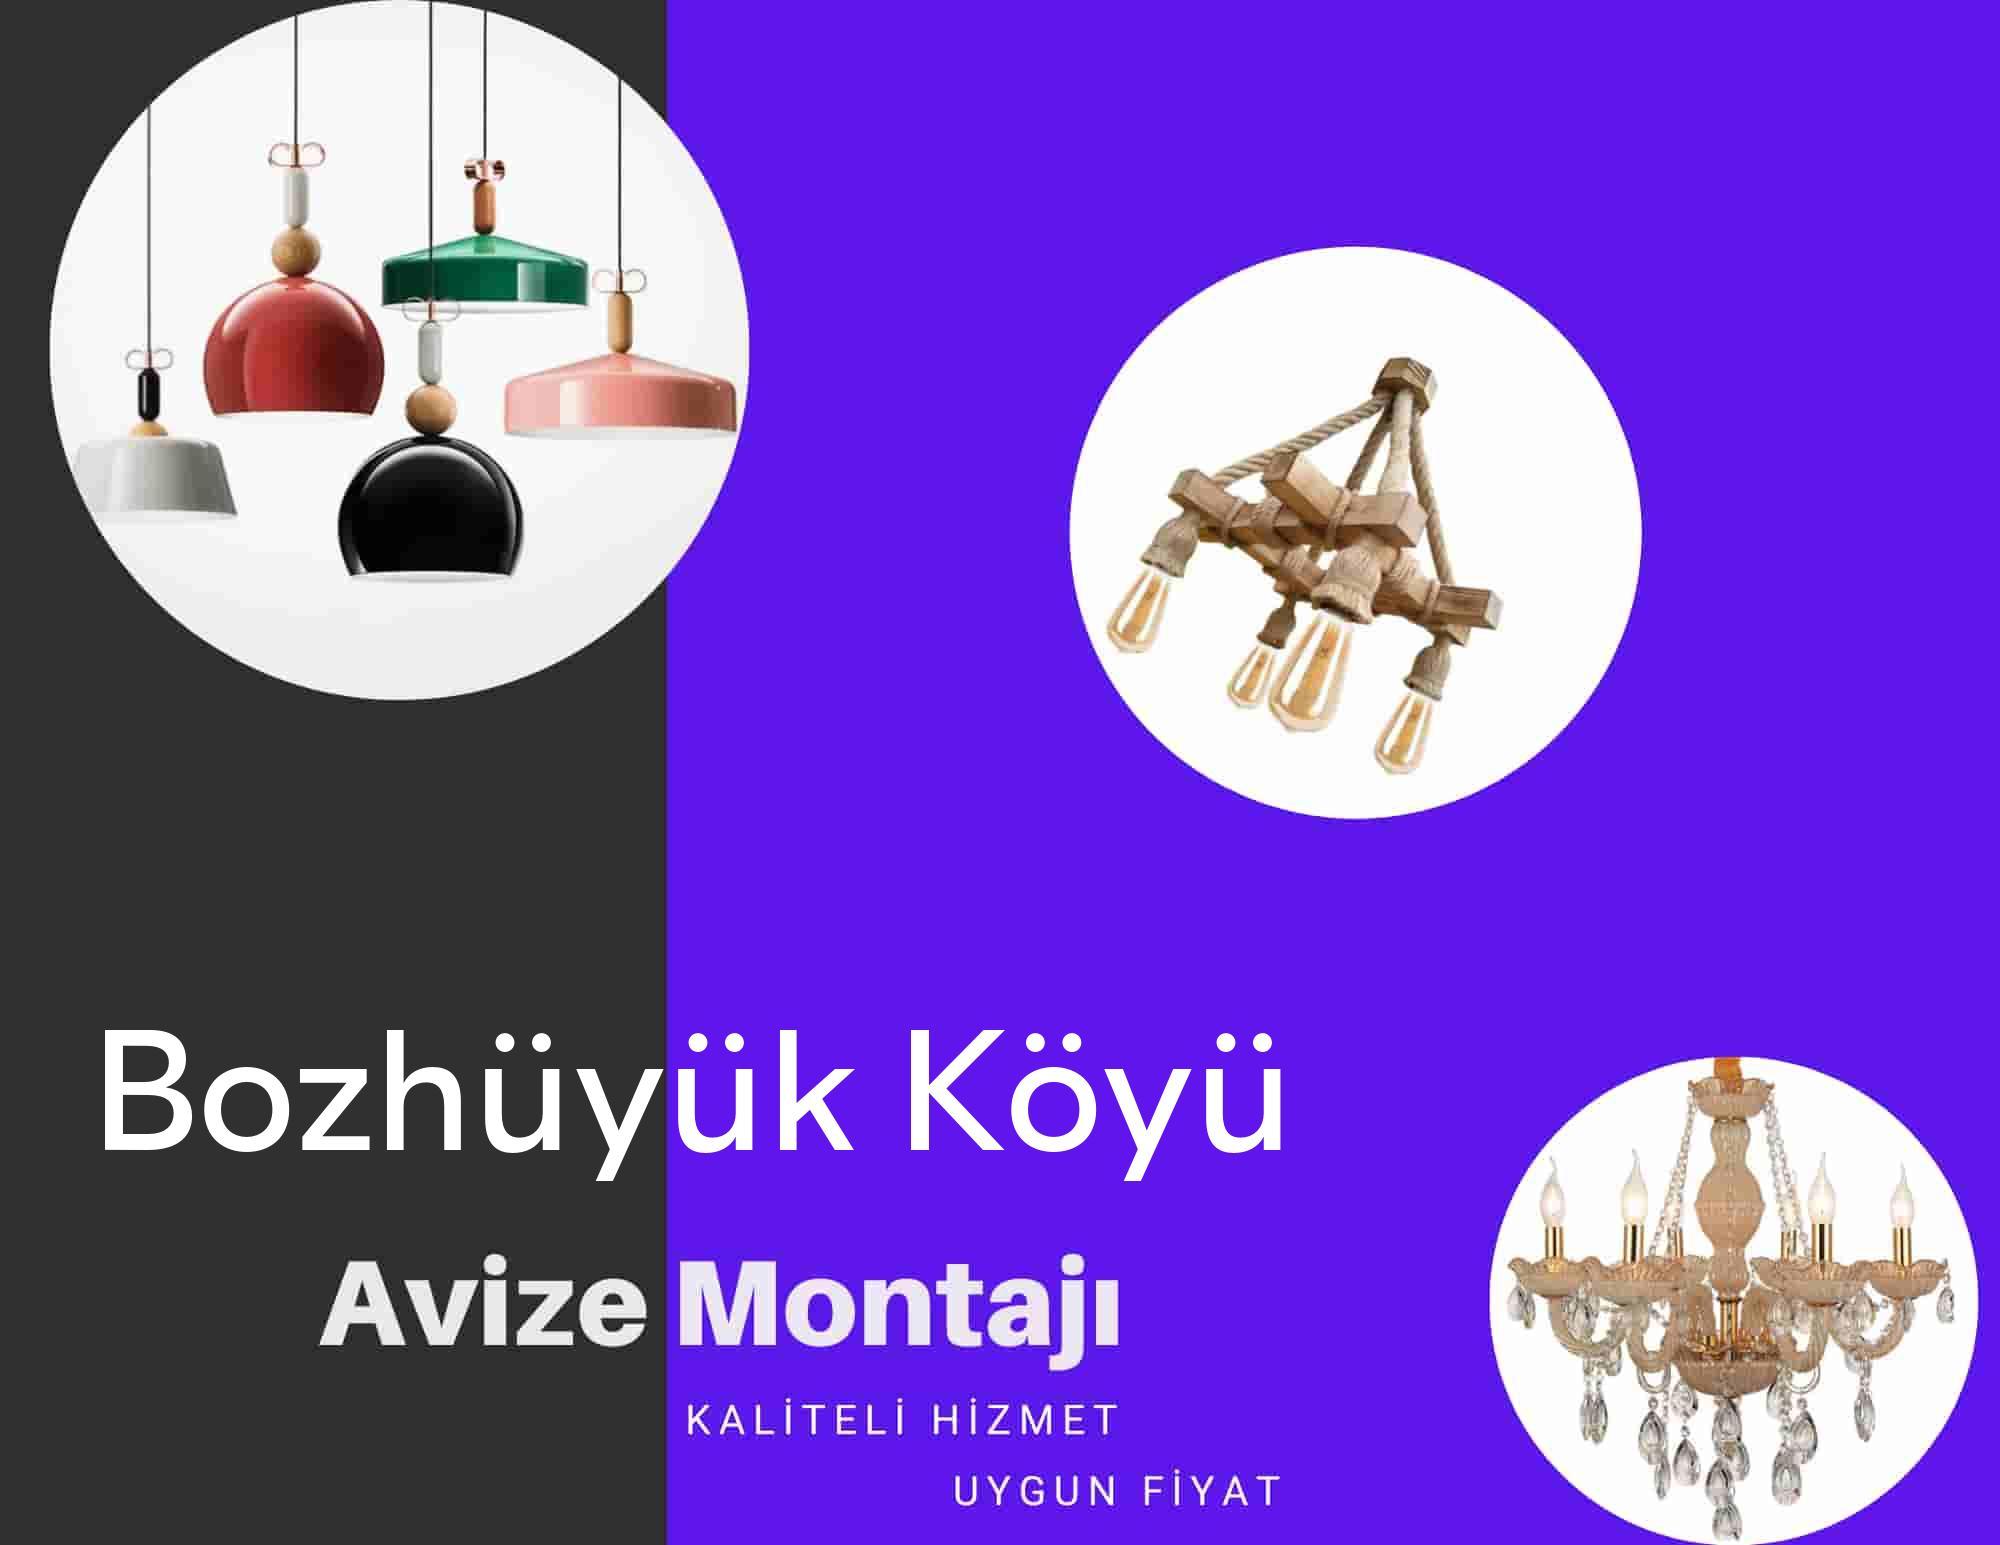 Bozhüyük Köyüde avize montajı yapan yerler arıyorsanız elektrikcicagir anında size profesyonel avize montajı ustasını yönlendirir.